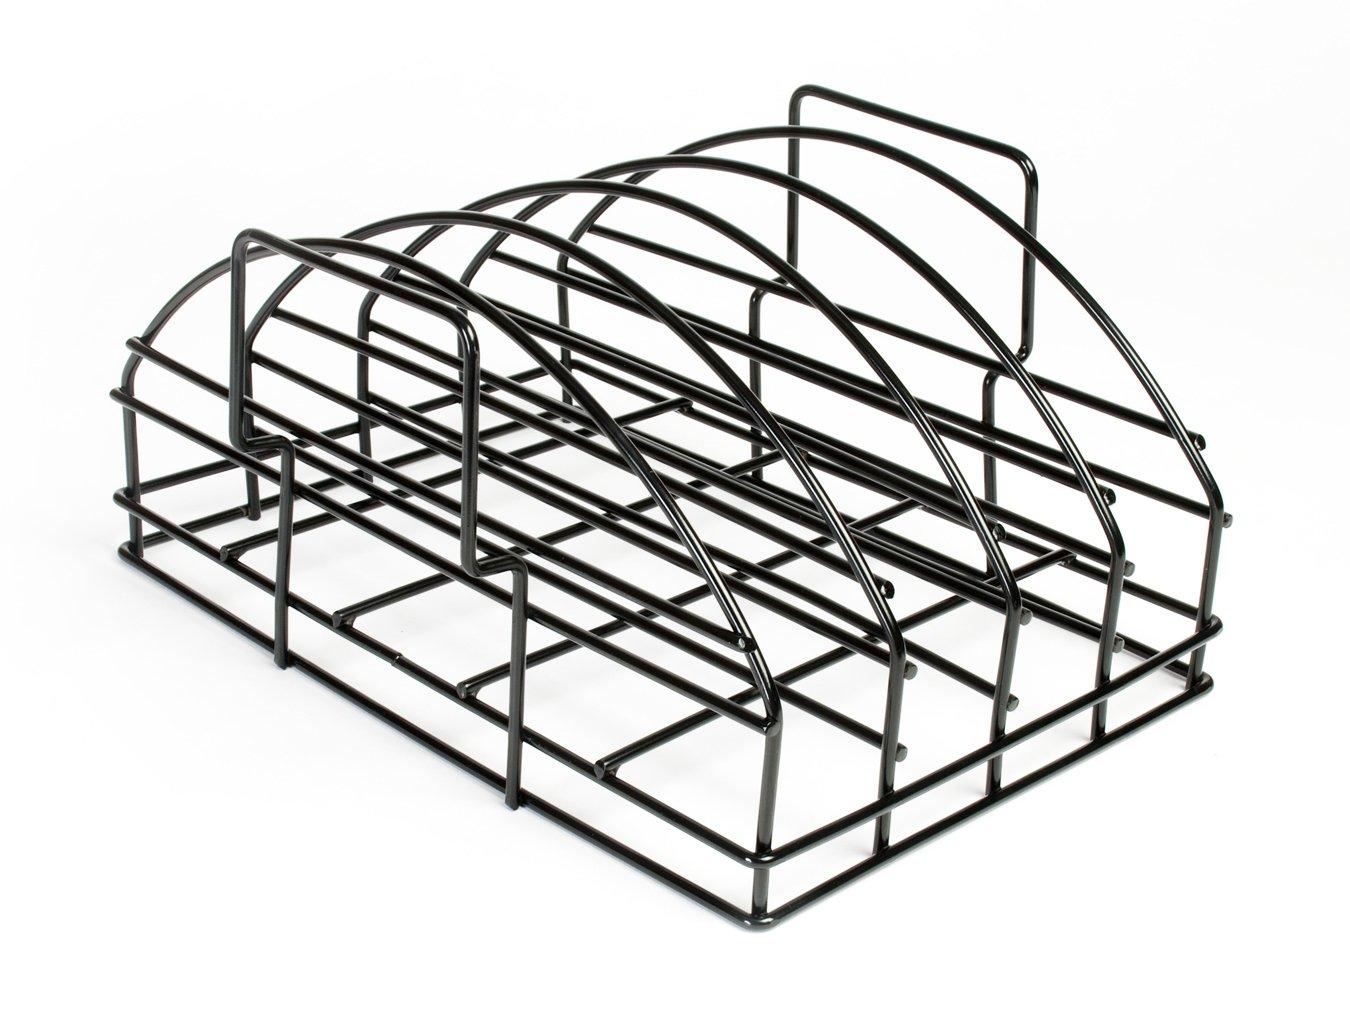 Steven Raichlen SR8017 Non-Stick Ultimate Rib Rack Charcoal Companion